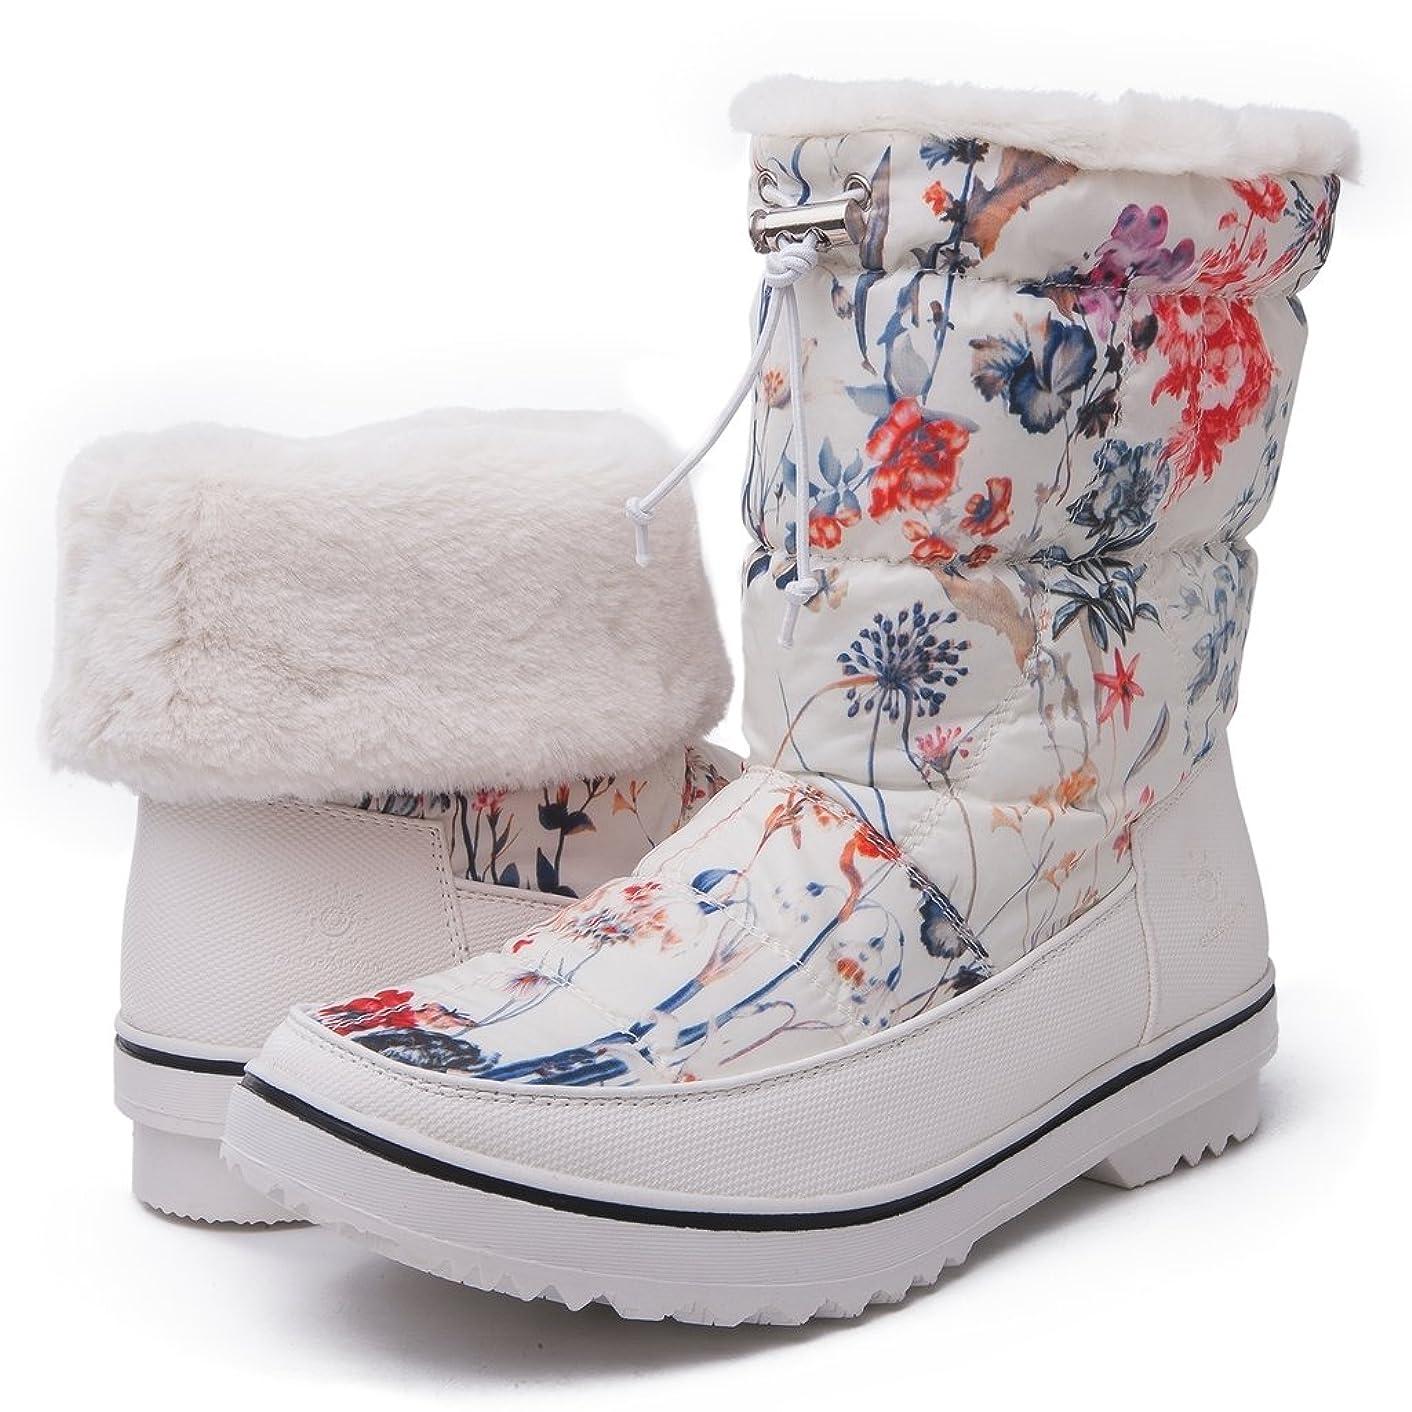 GLOBALWIN's Women's Adeline Winter Snow Boots